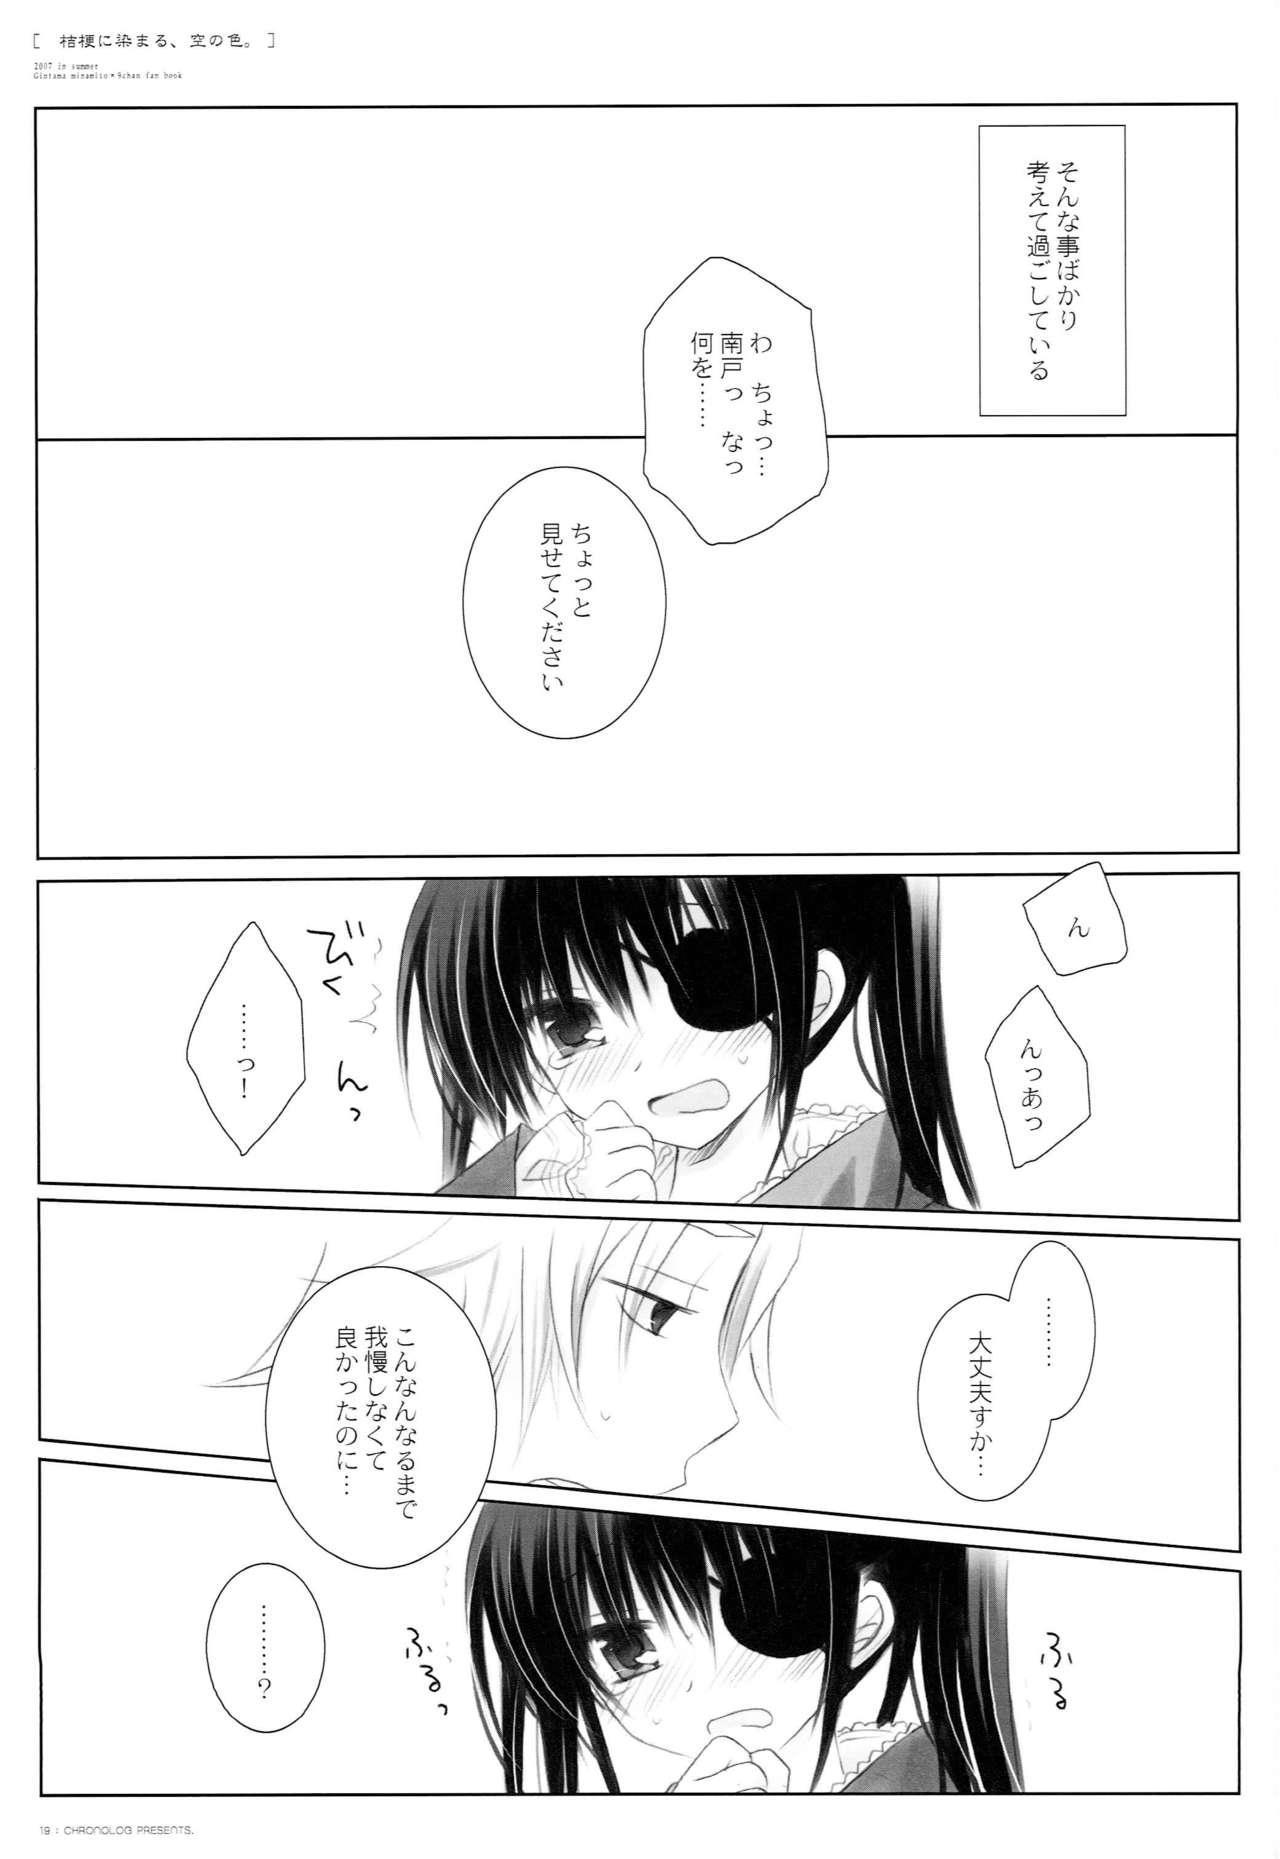 Kikyou ni Somaru Sora no Iro 17